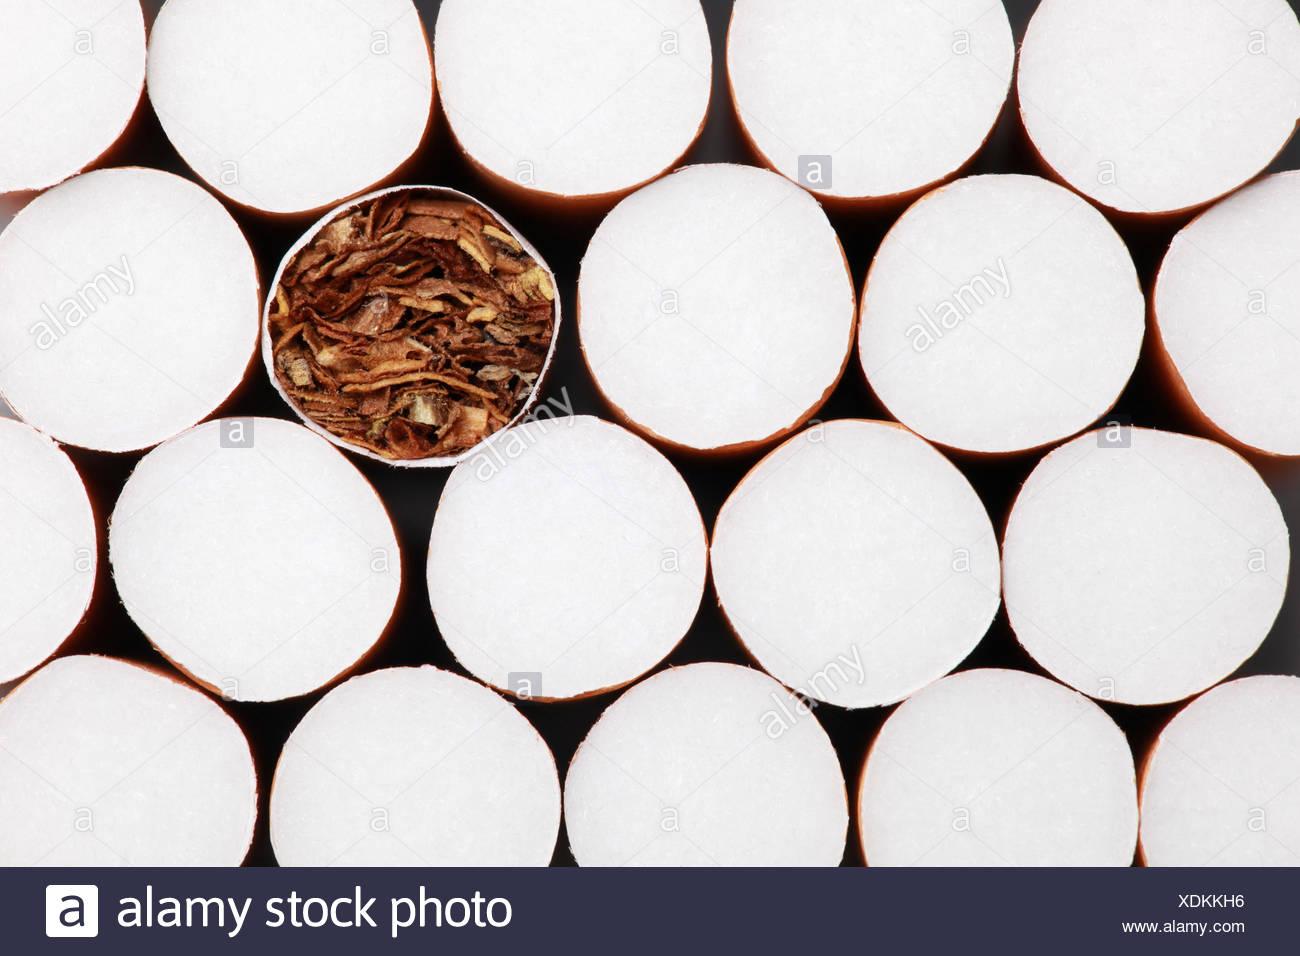 Filterzigaretten Hintergrund - Stock Image